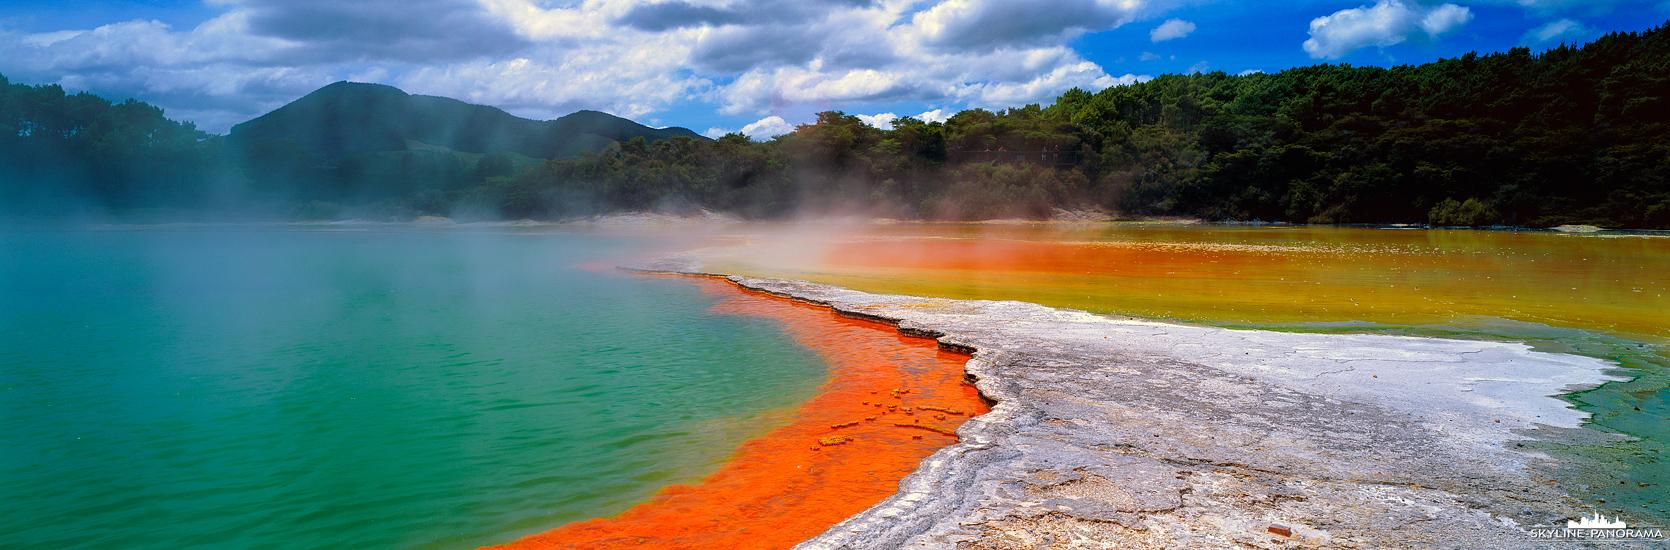 Panorama Neuseeland - Der Campagne Pool im Wai-O-Tapu Thermal Wonderland ist eine der Sehenswürdigkeiten der Nordinsel von Neuseeland, die man unbedingt auf seine Liste haben sollte. Der Pool gehört zu den größten Thermalquellen von Neuseeland, ist jedoch nicht für ein Bad geeignet.